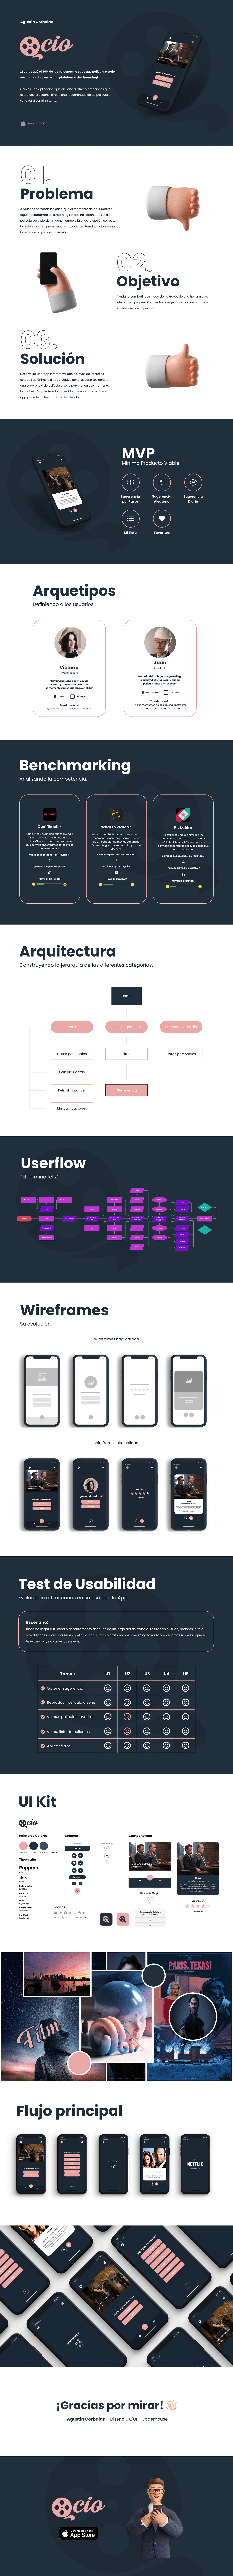 design UI ux